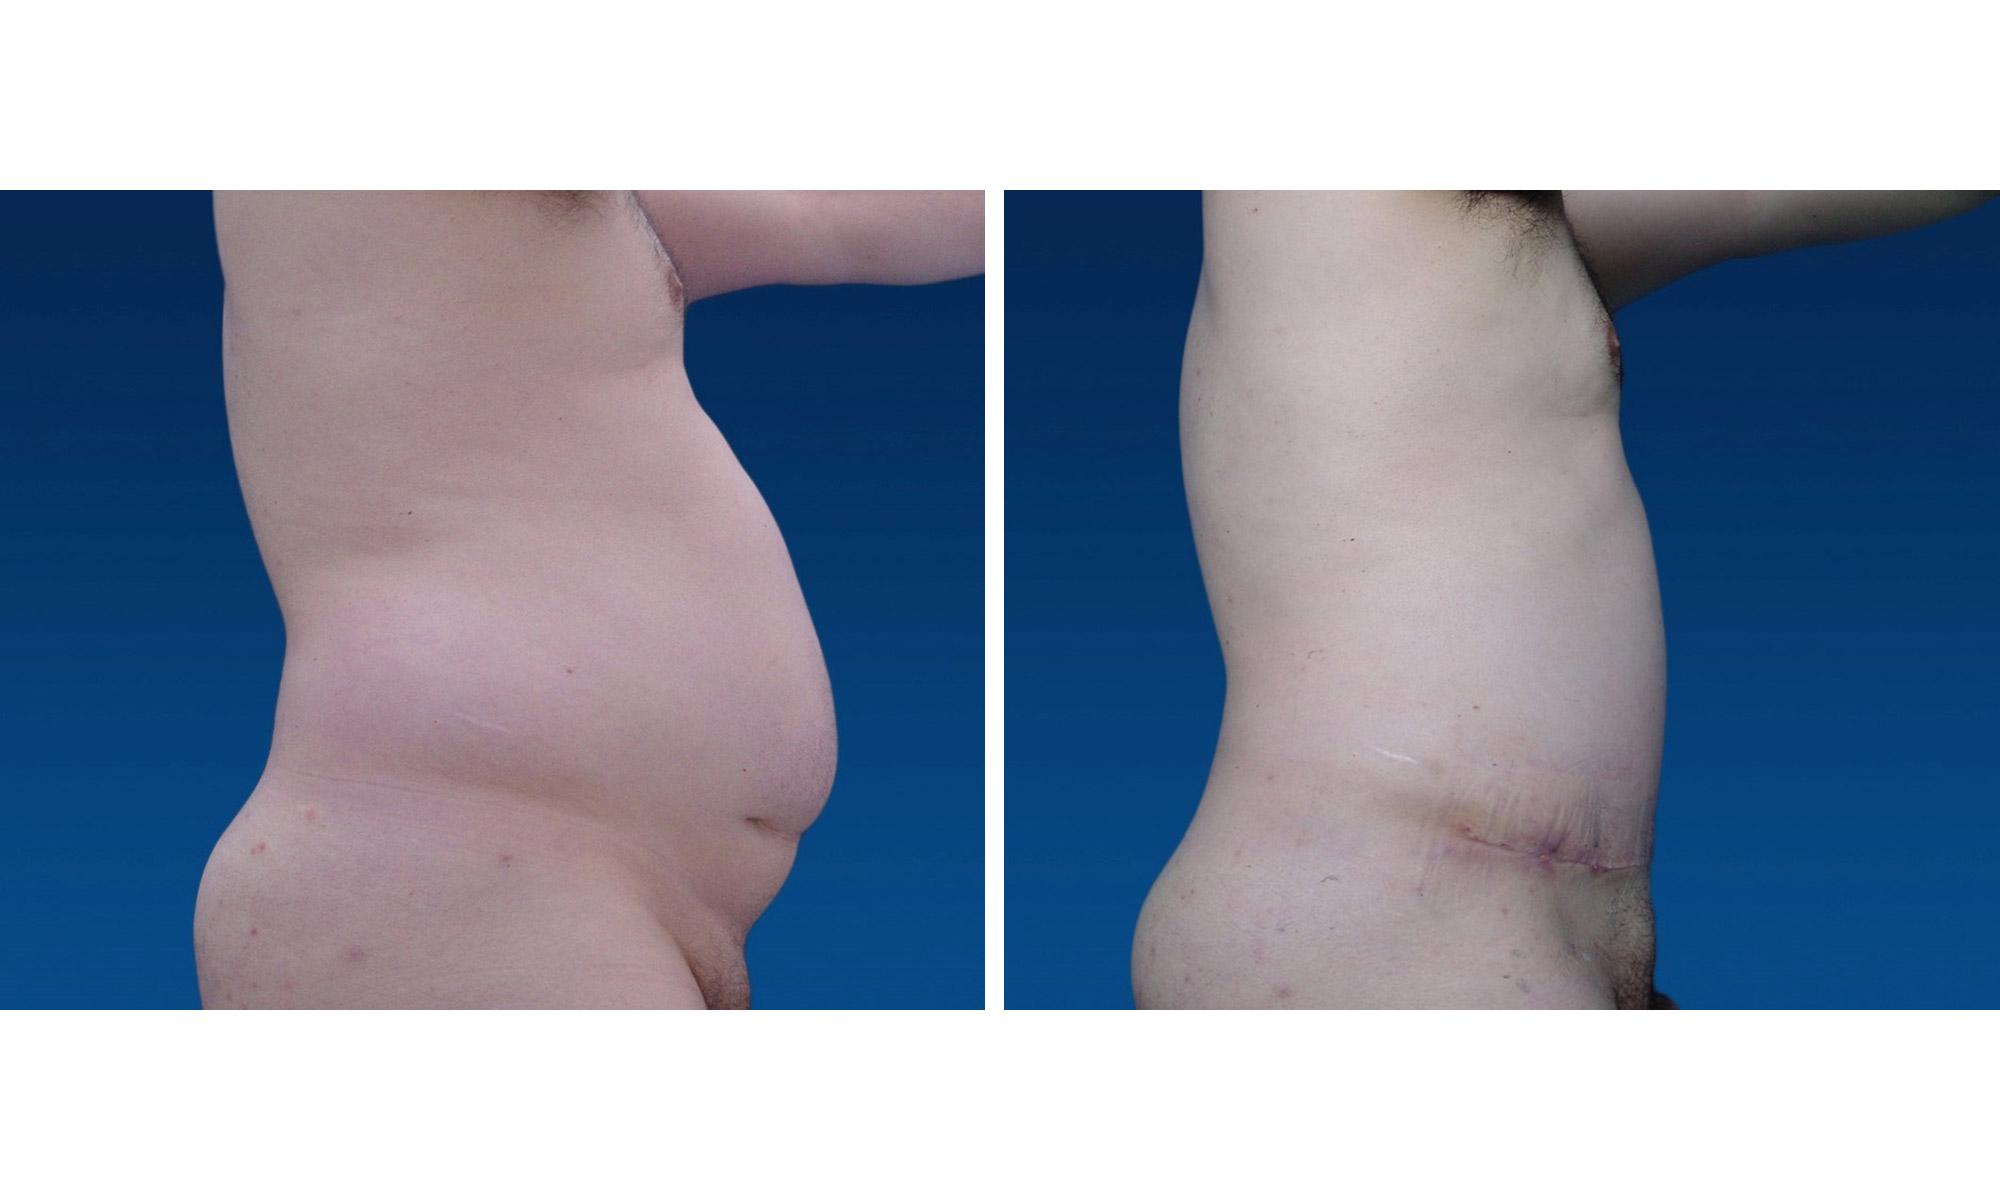 Lipectomía - Abdominoplastia Masculina